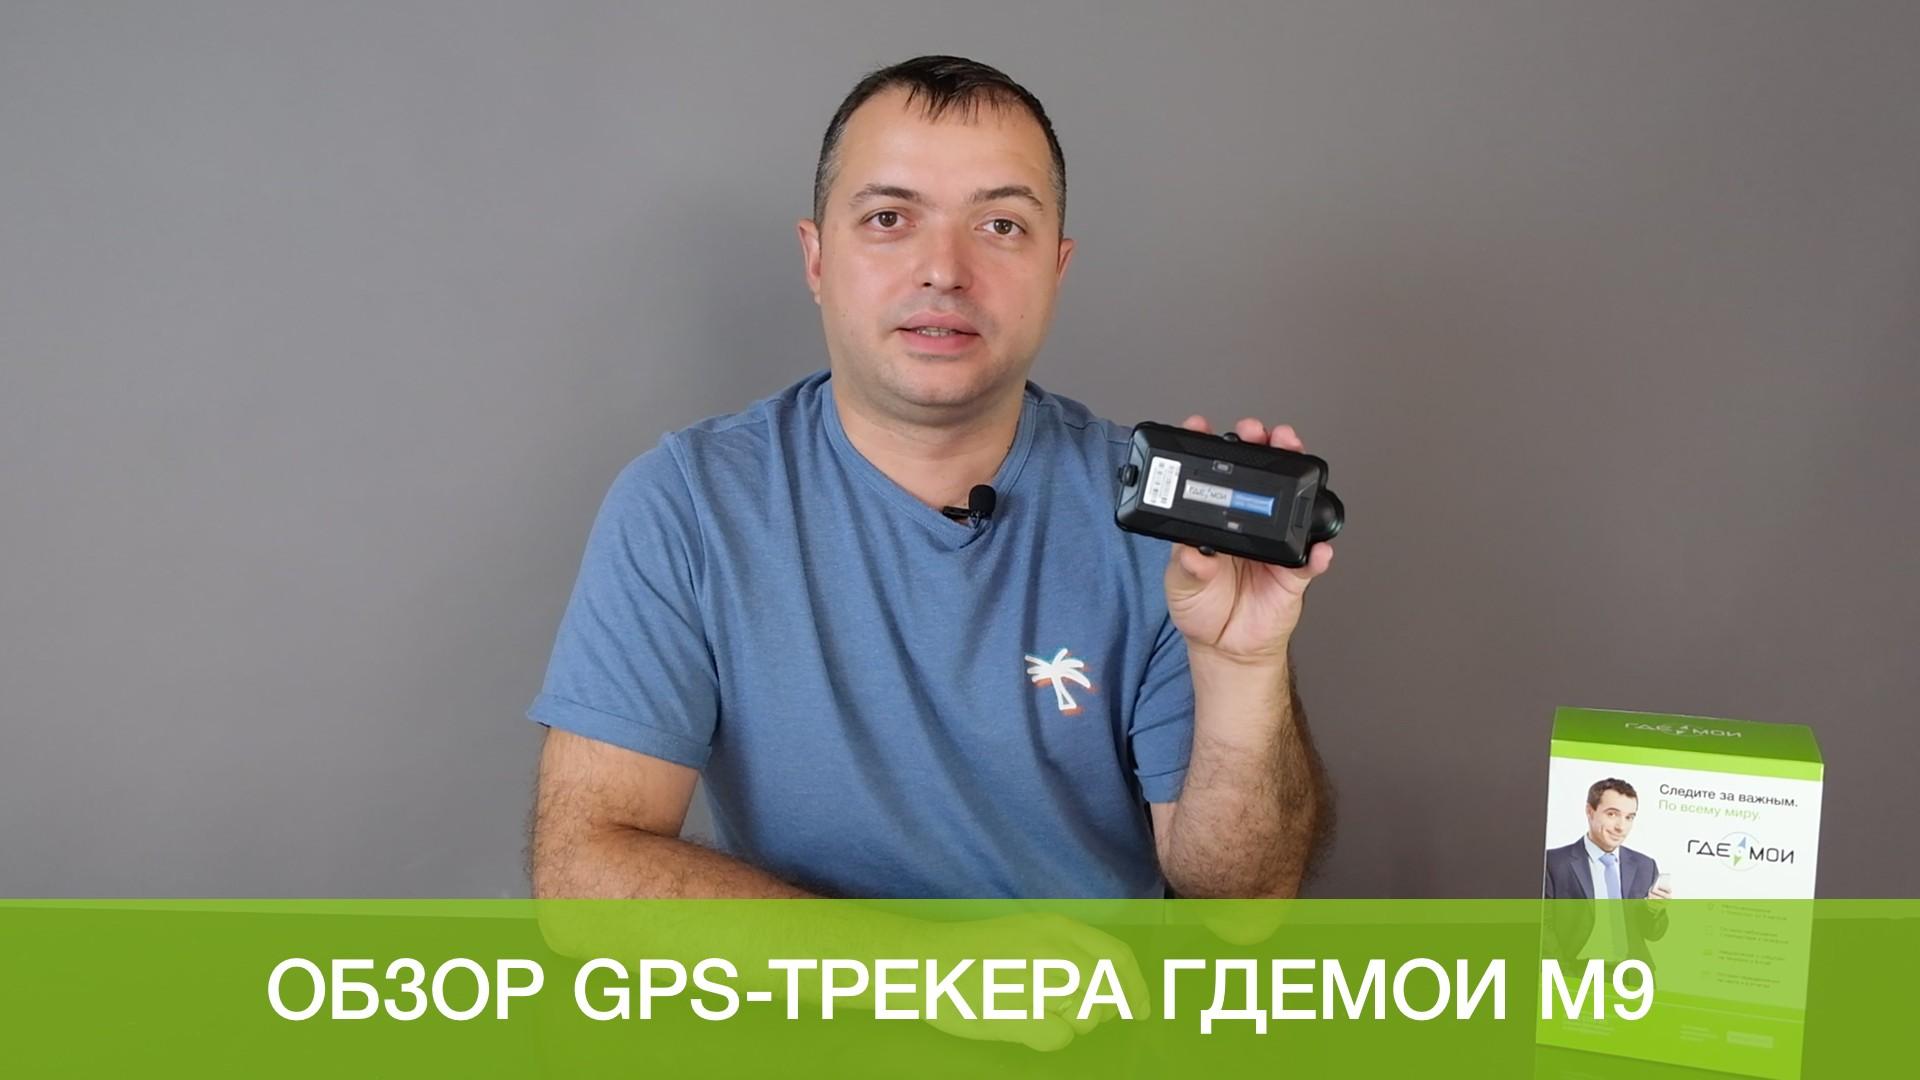 Готовое решение для контроля транспорта и грузов: видеообзор на ГдеМои М9